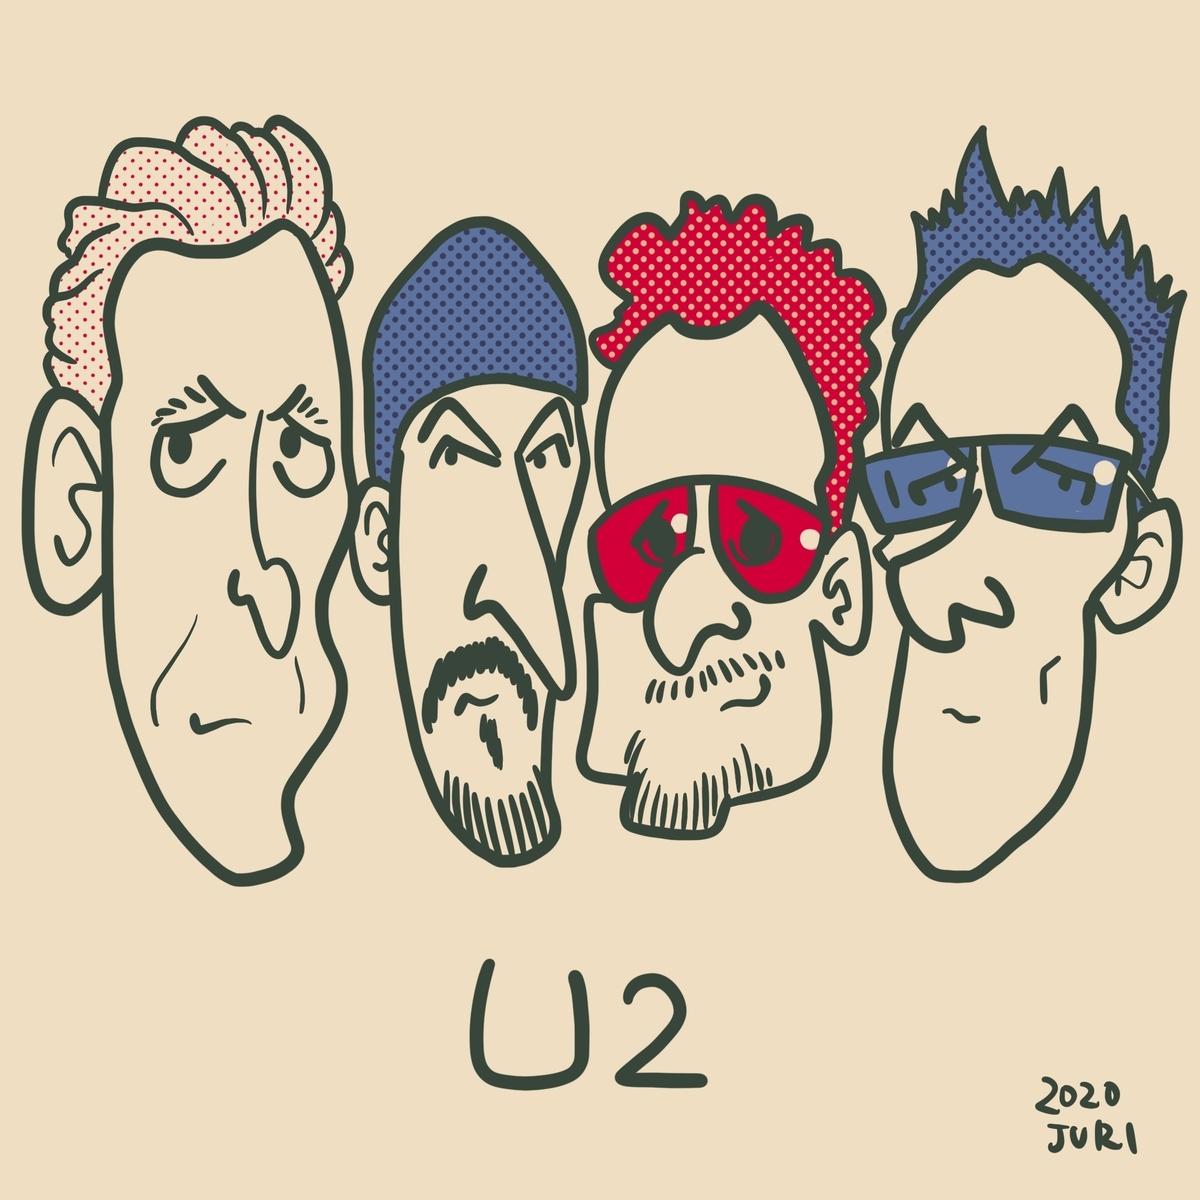 U2の似顔絵